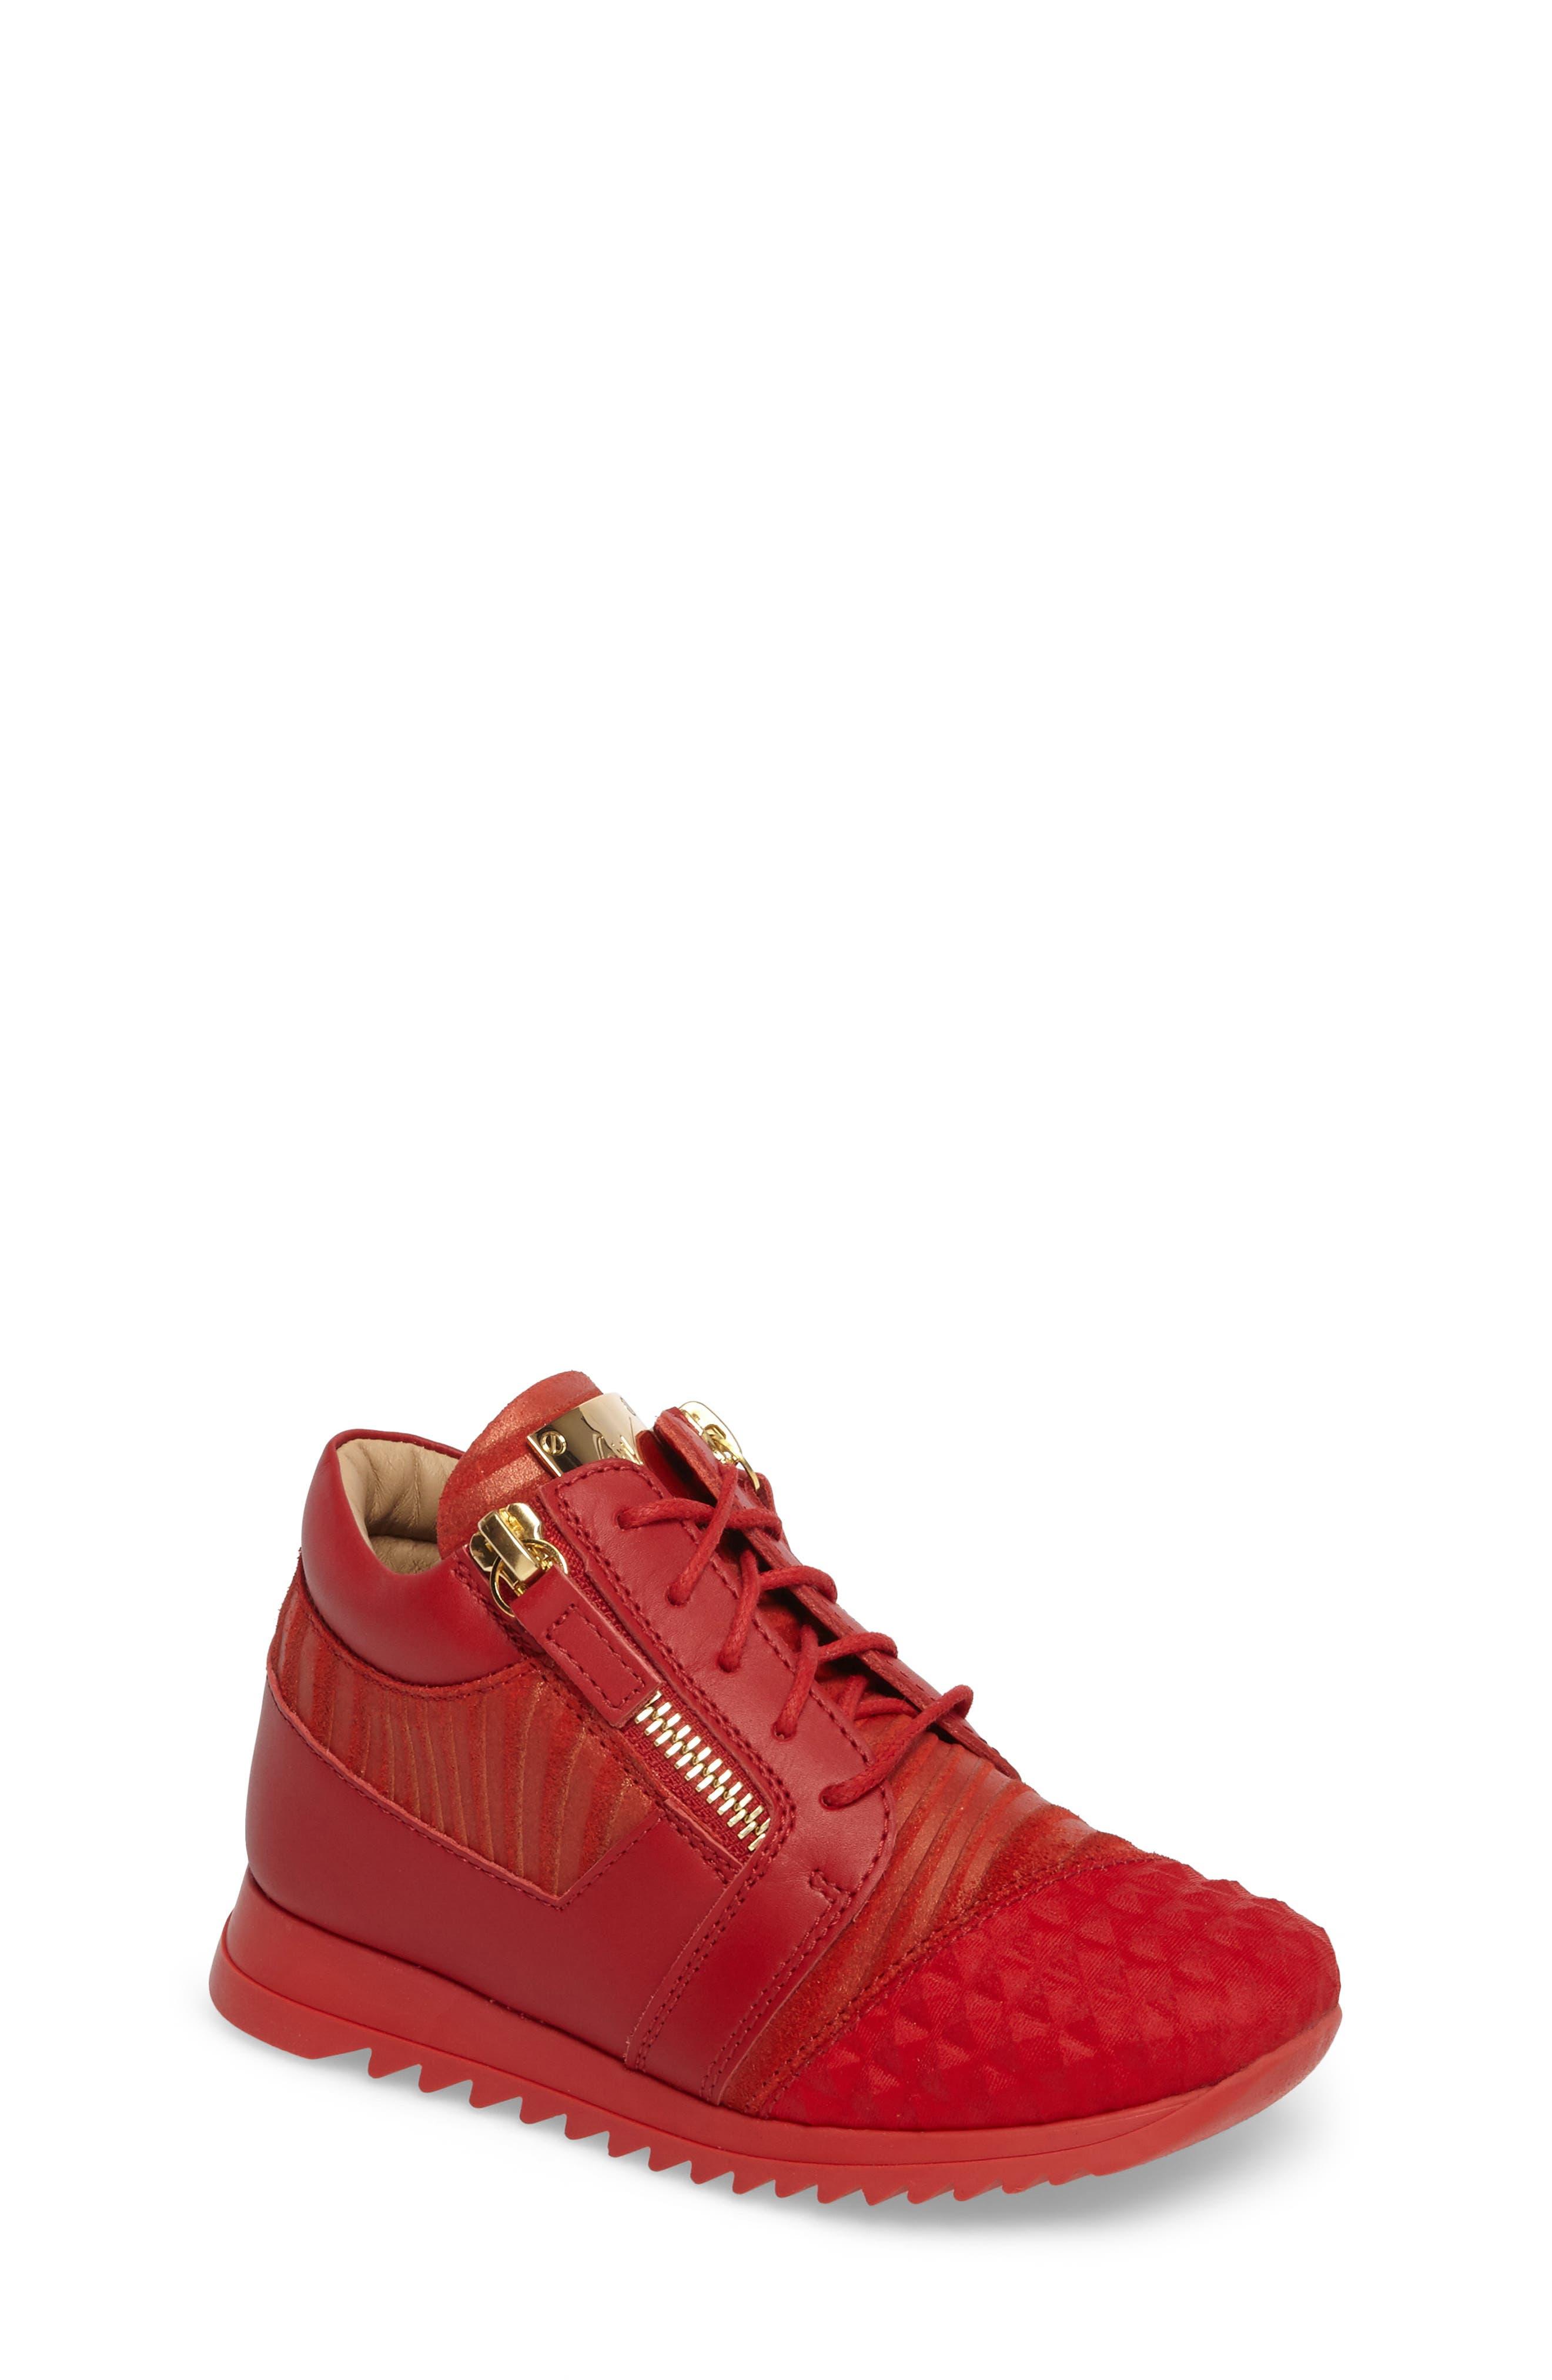 Alternate Image 1 Selected - Giuseppe Zanotti Iperstud Embossed Sneaker (Baby, Walker, Toddler & Little Kid)